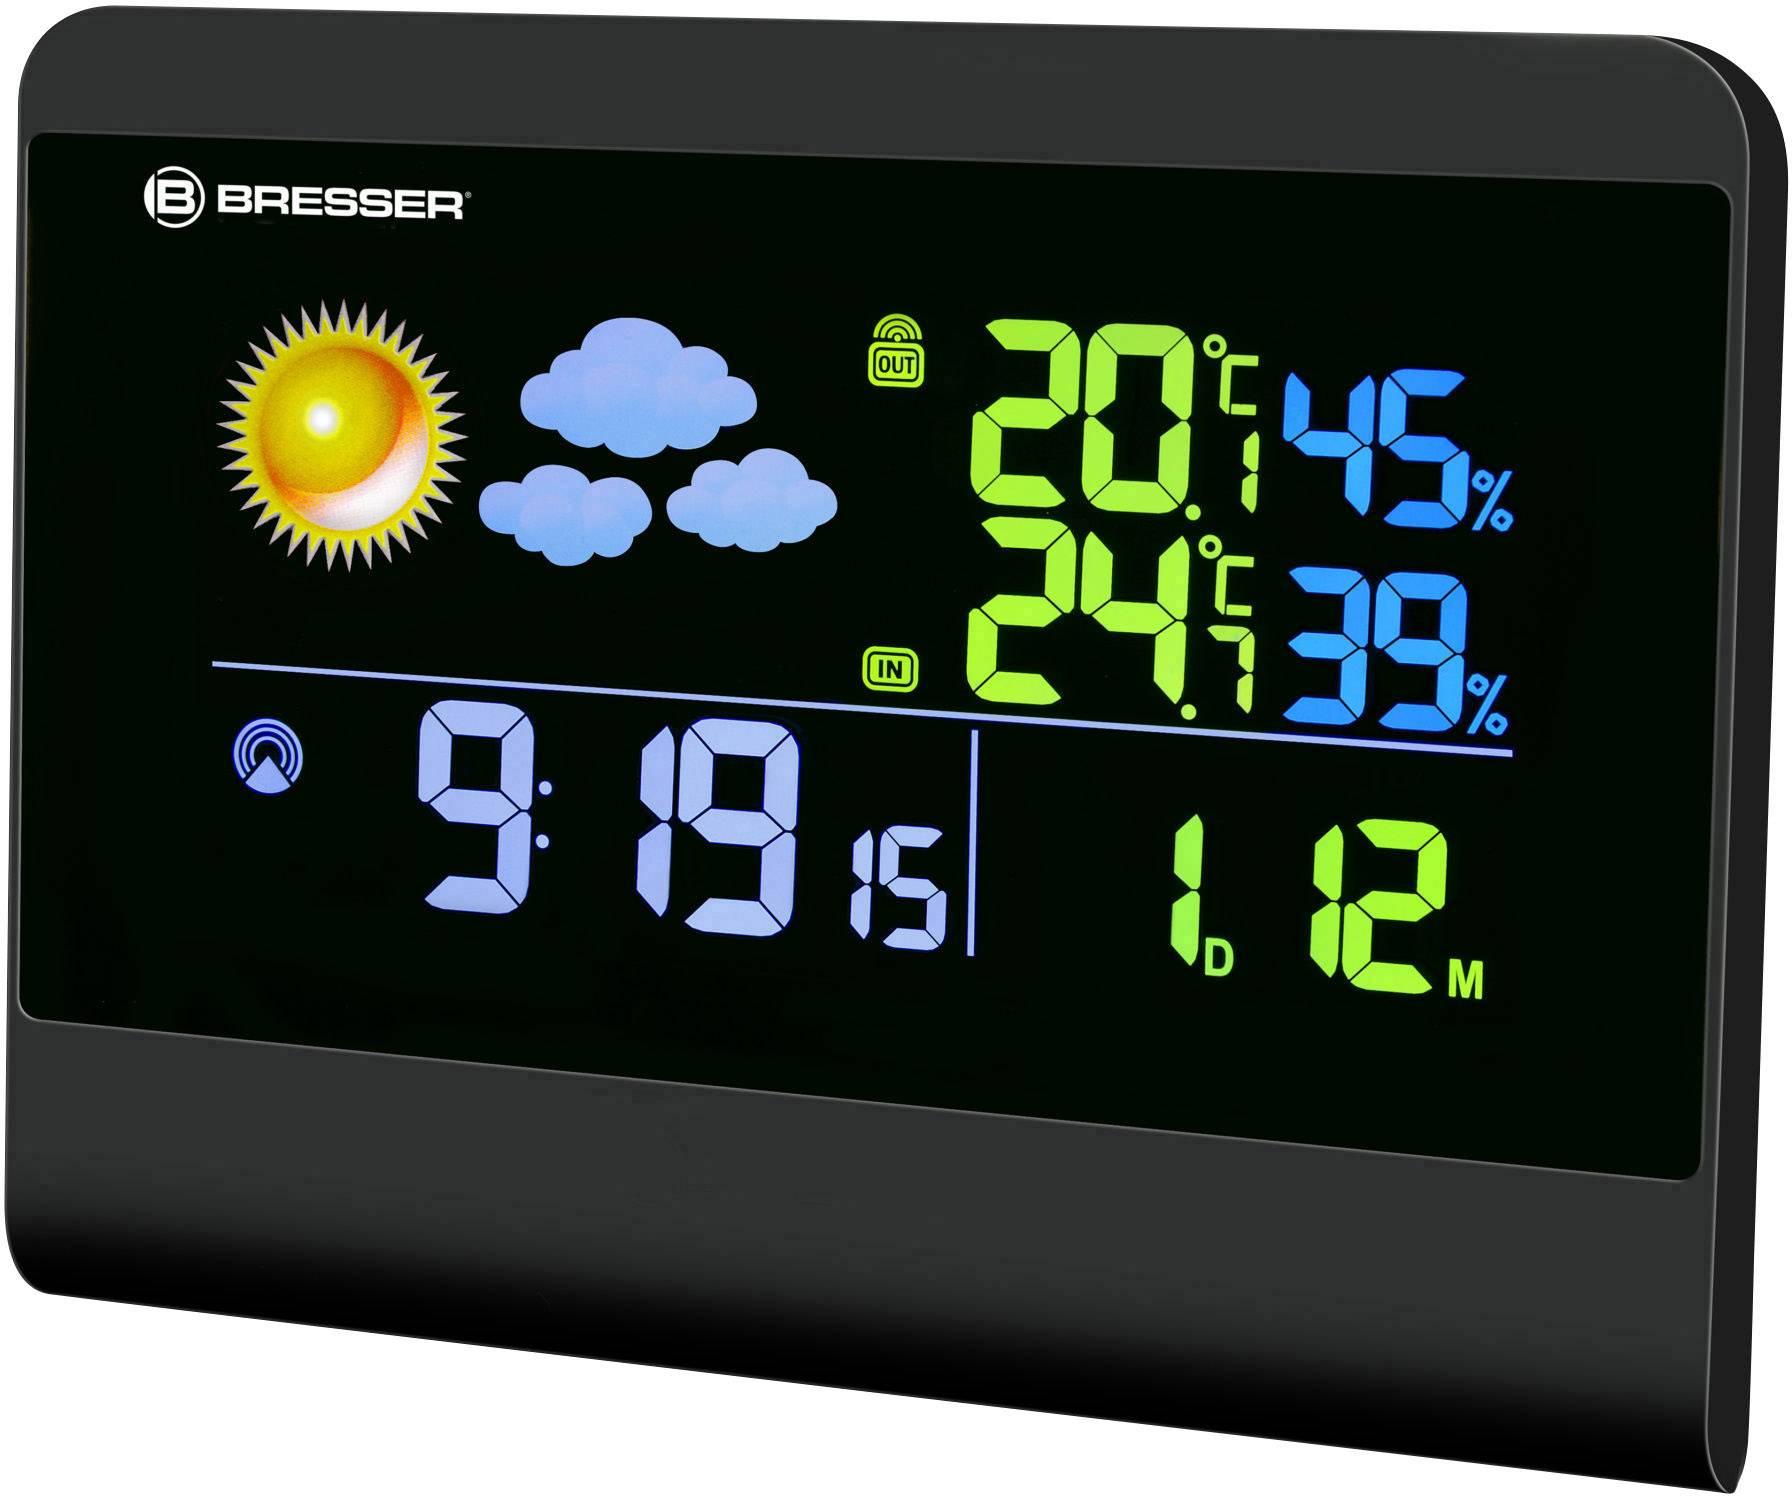 Digitálna bezdrôtová meteostanica Bresser Optik TemeoTrend Colour 7007300CM3000, čierna